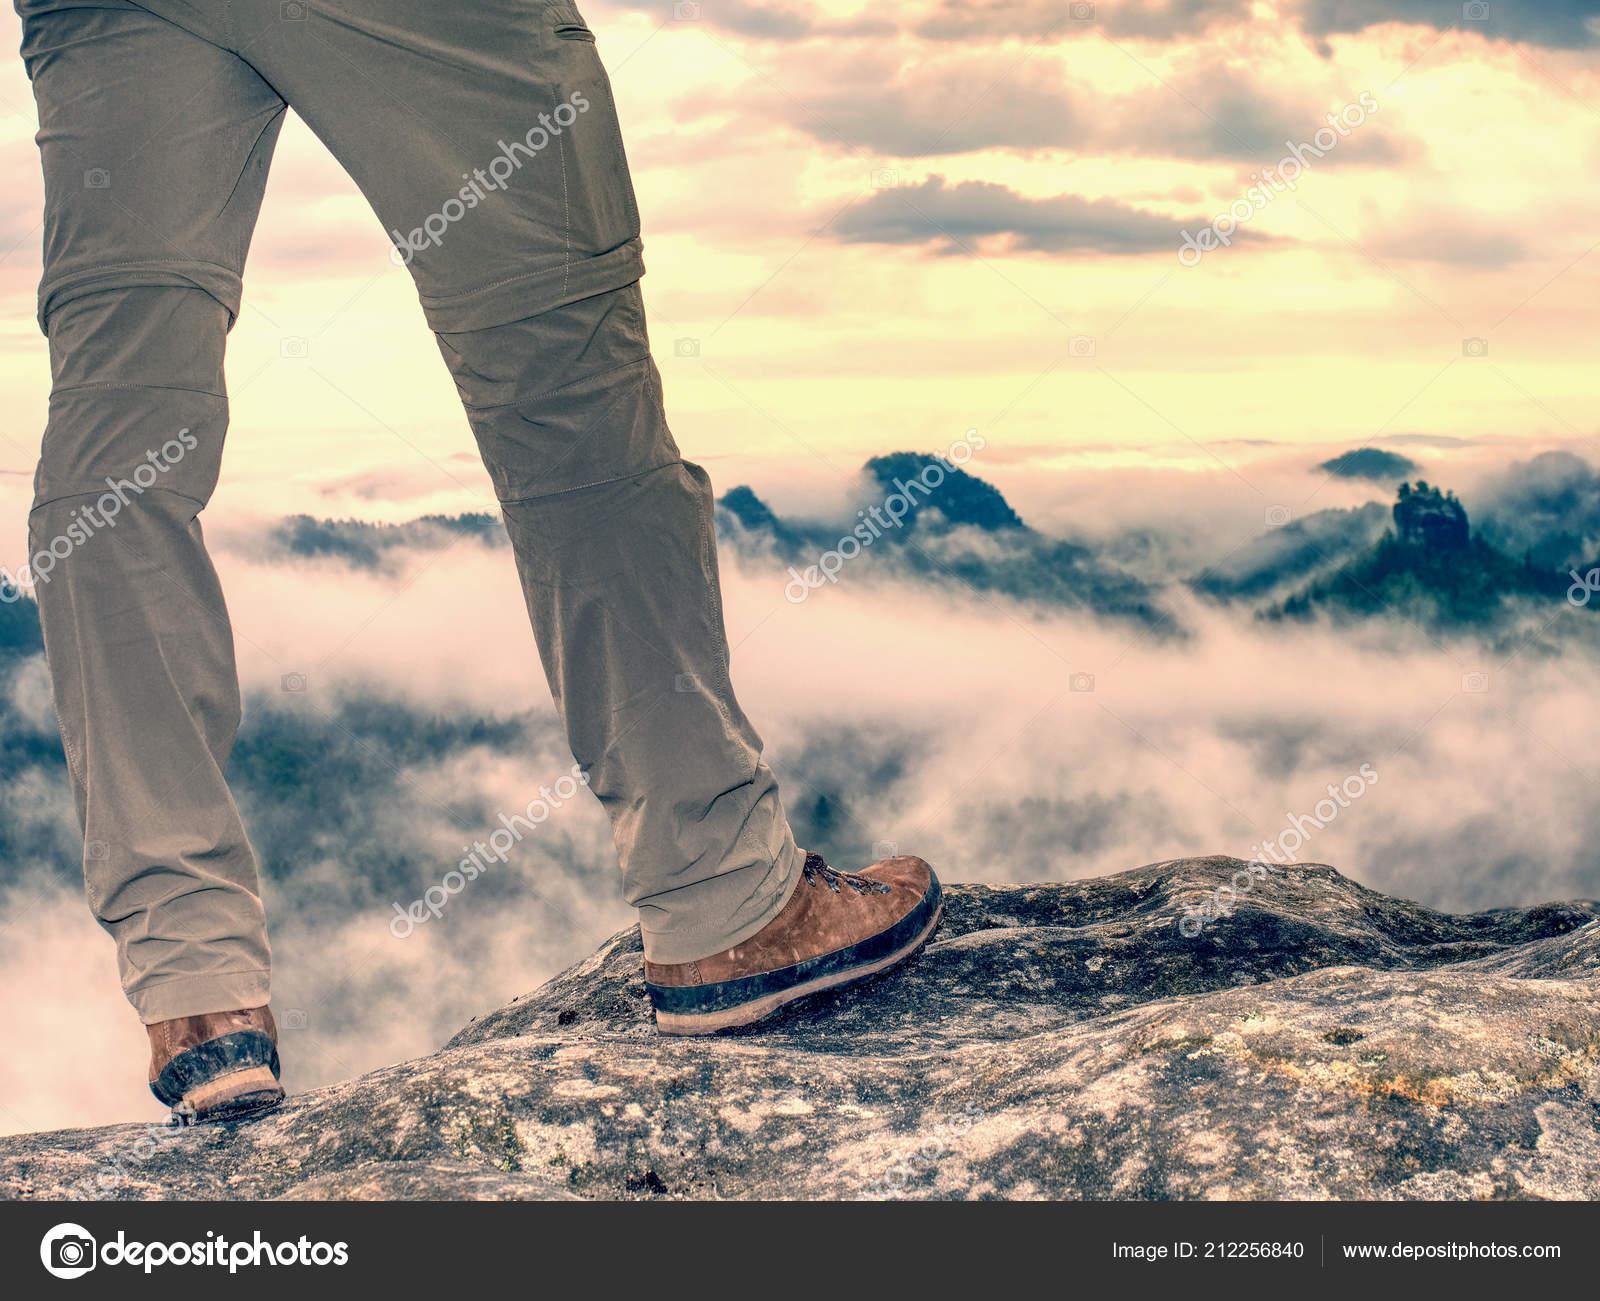 4d6152a2018 Sapato Trekking Pernas Trilha Rochosa Conceito Inspiração Motivação ...